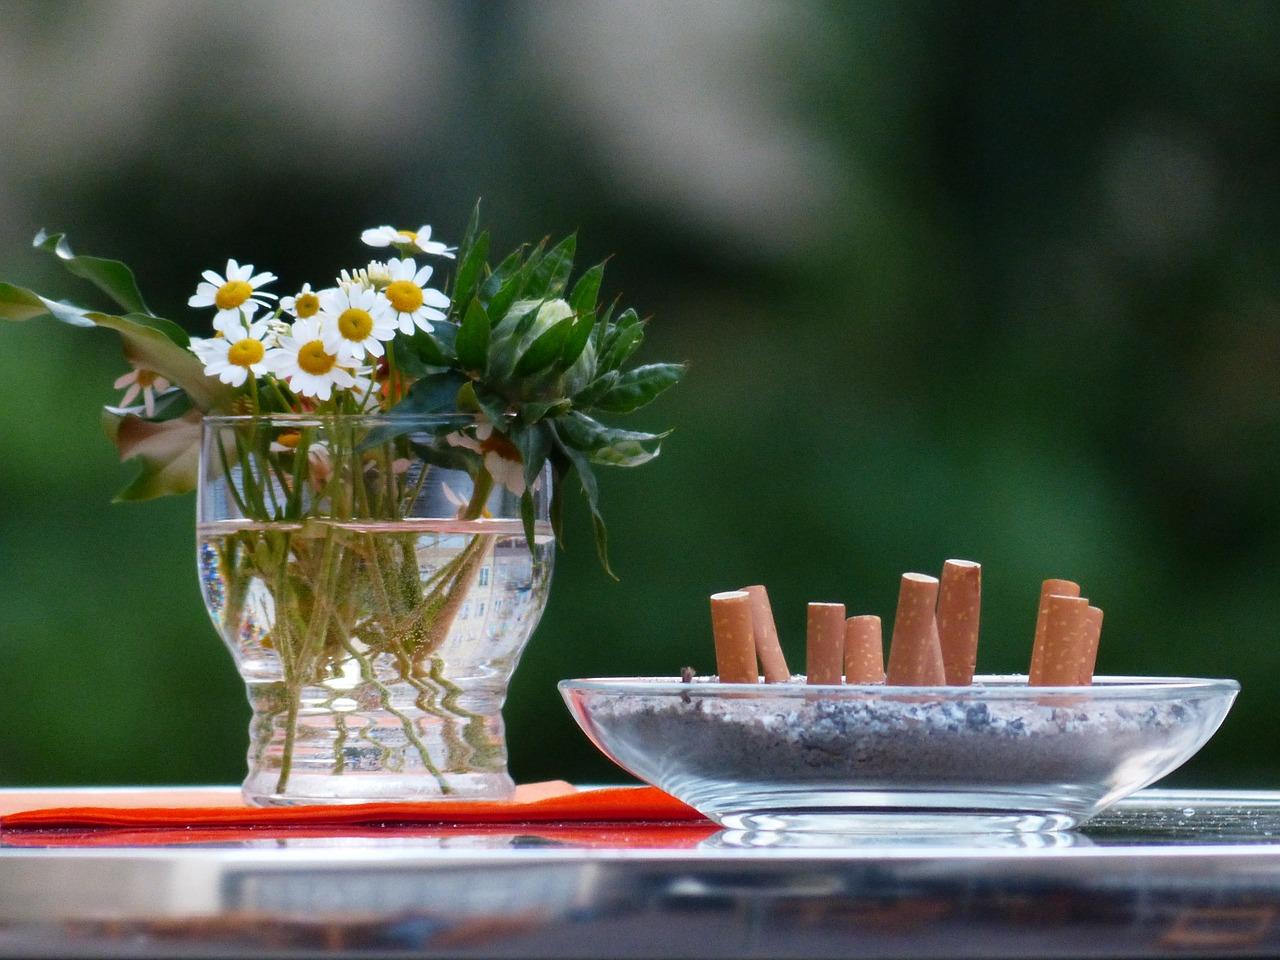 ромашки, окурки, сигареты